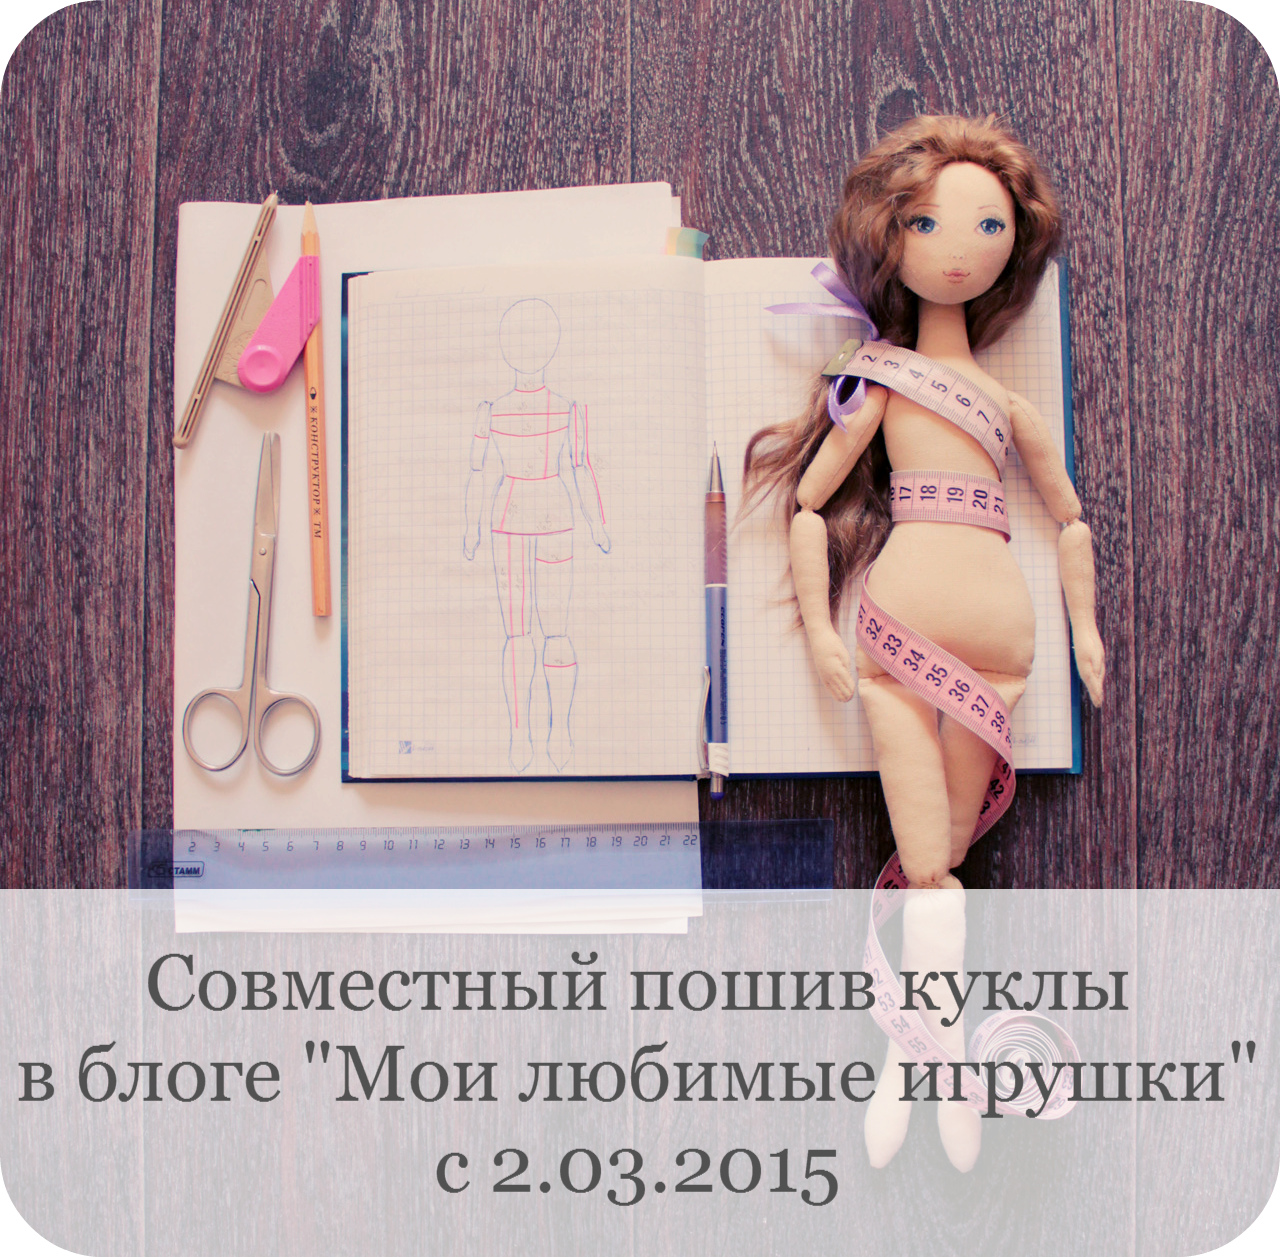 СП с 2.03